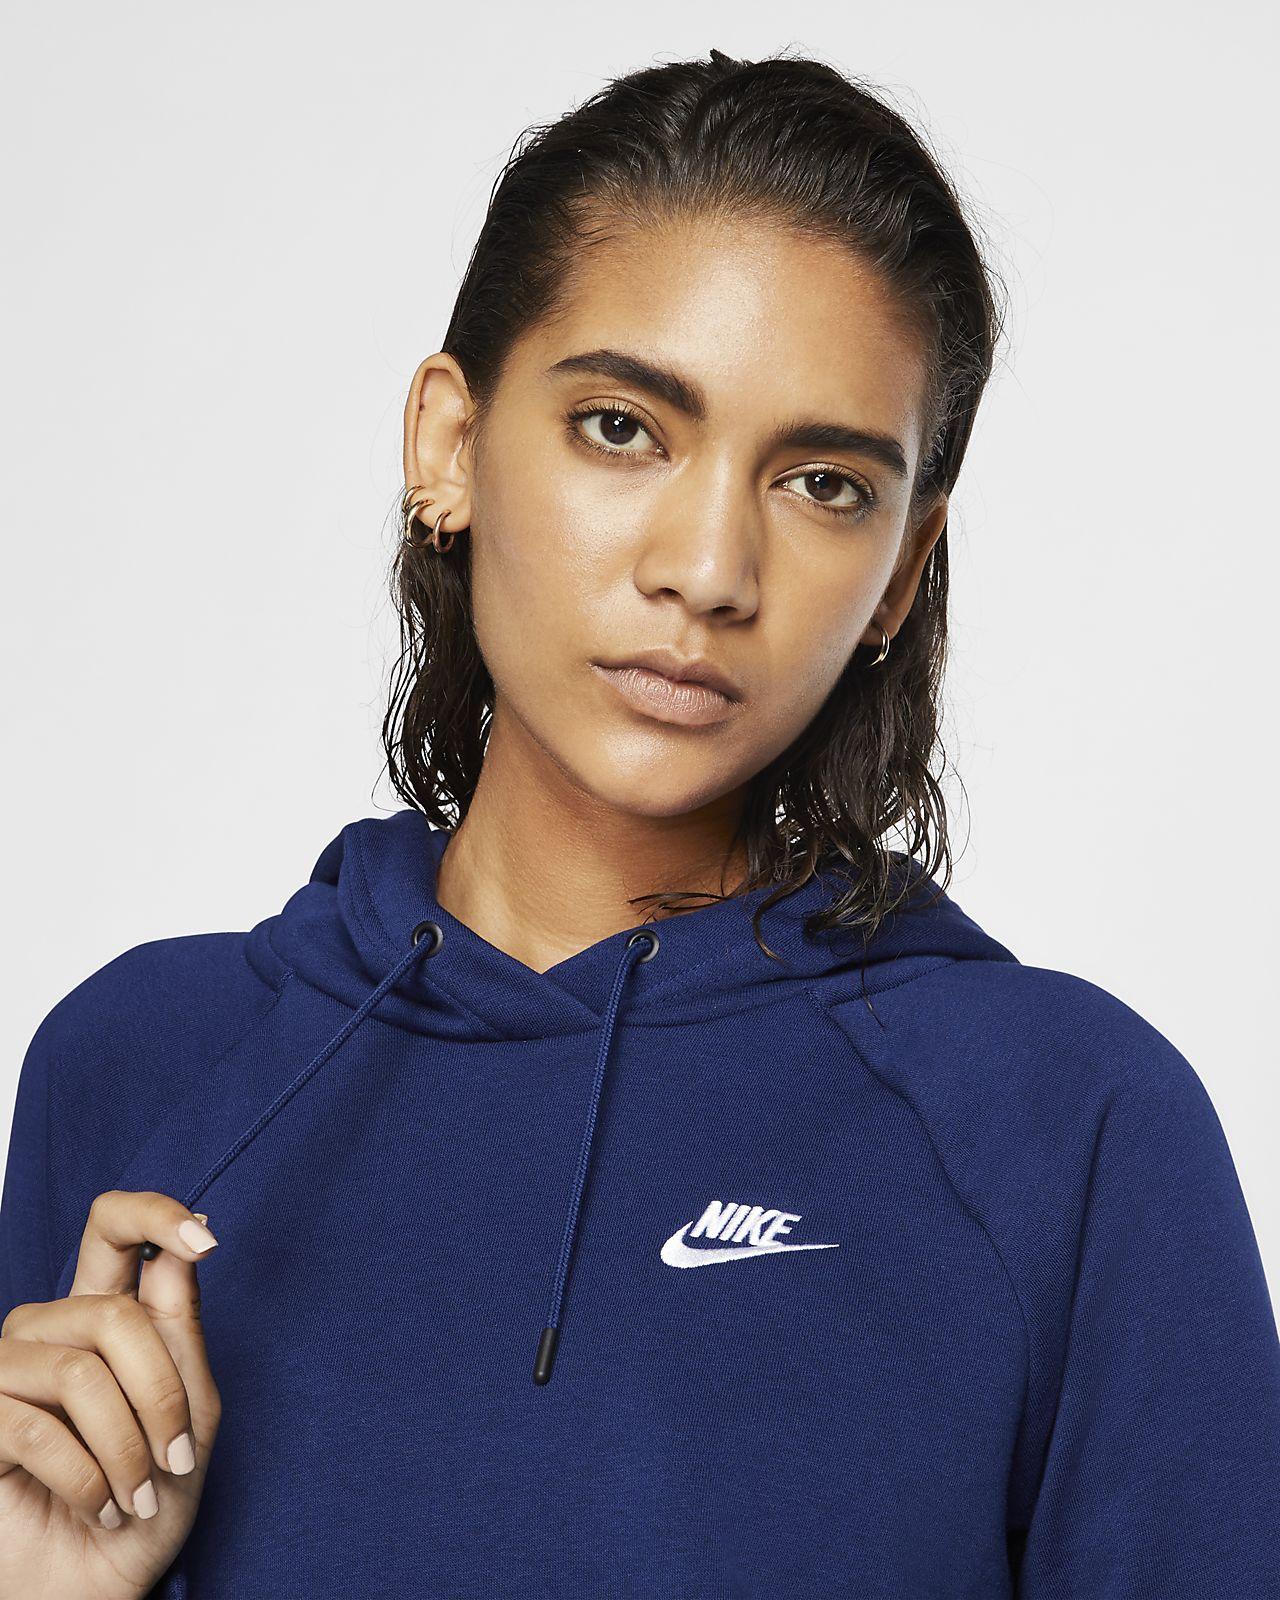 Nike Nike Sportswear Essential Women's Fleece Pullover Hoodie Size XL (Blue Void) BV4124 492 from NIKE | People